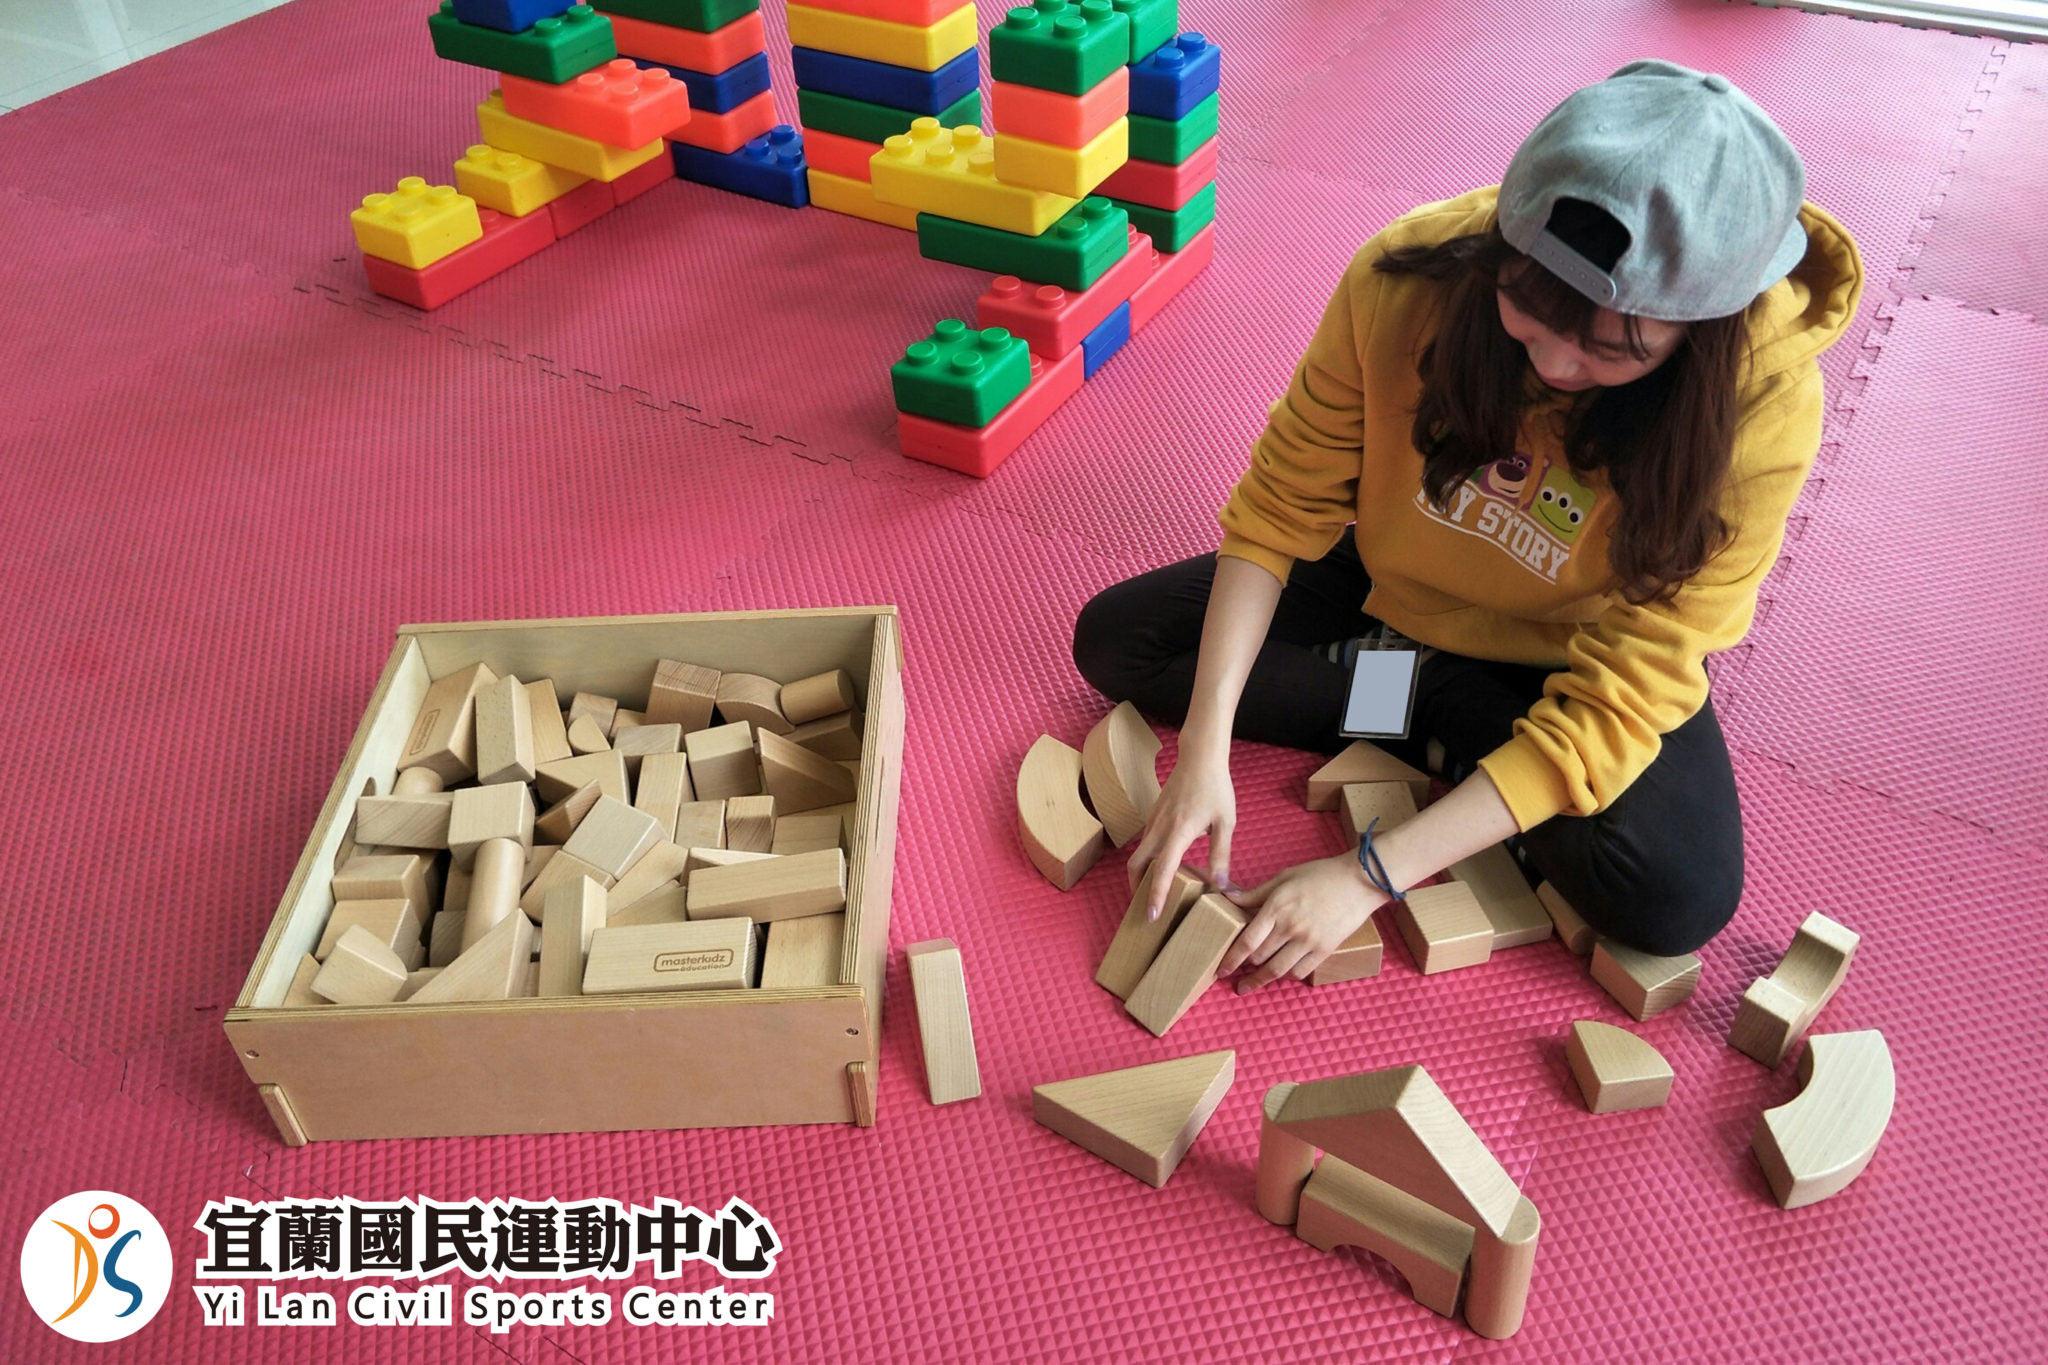 兒童遊戲區-學員玩木製積木(jpg)